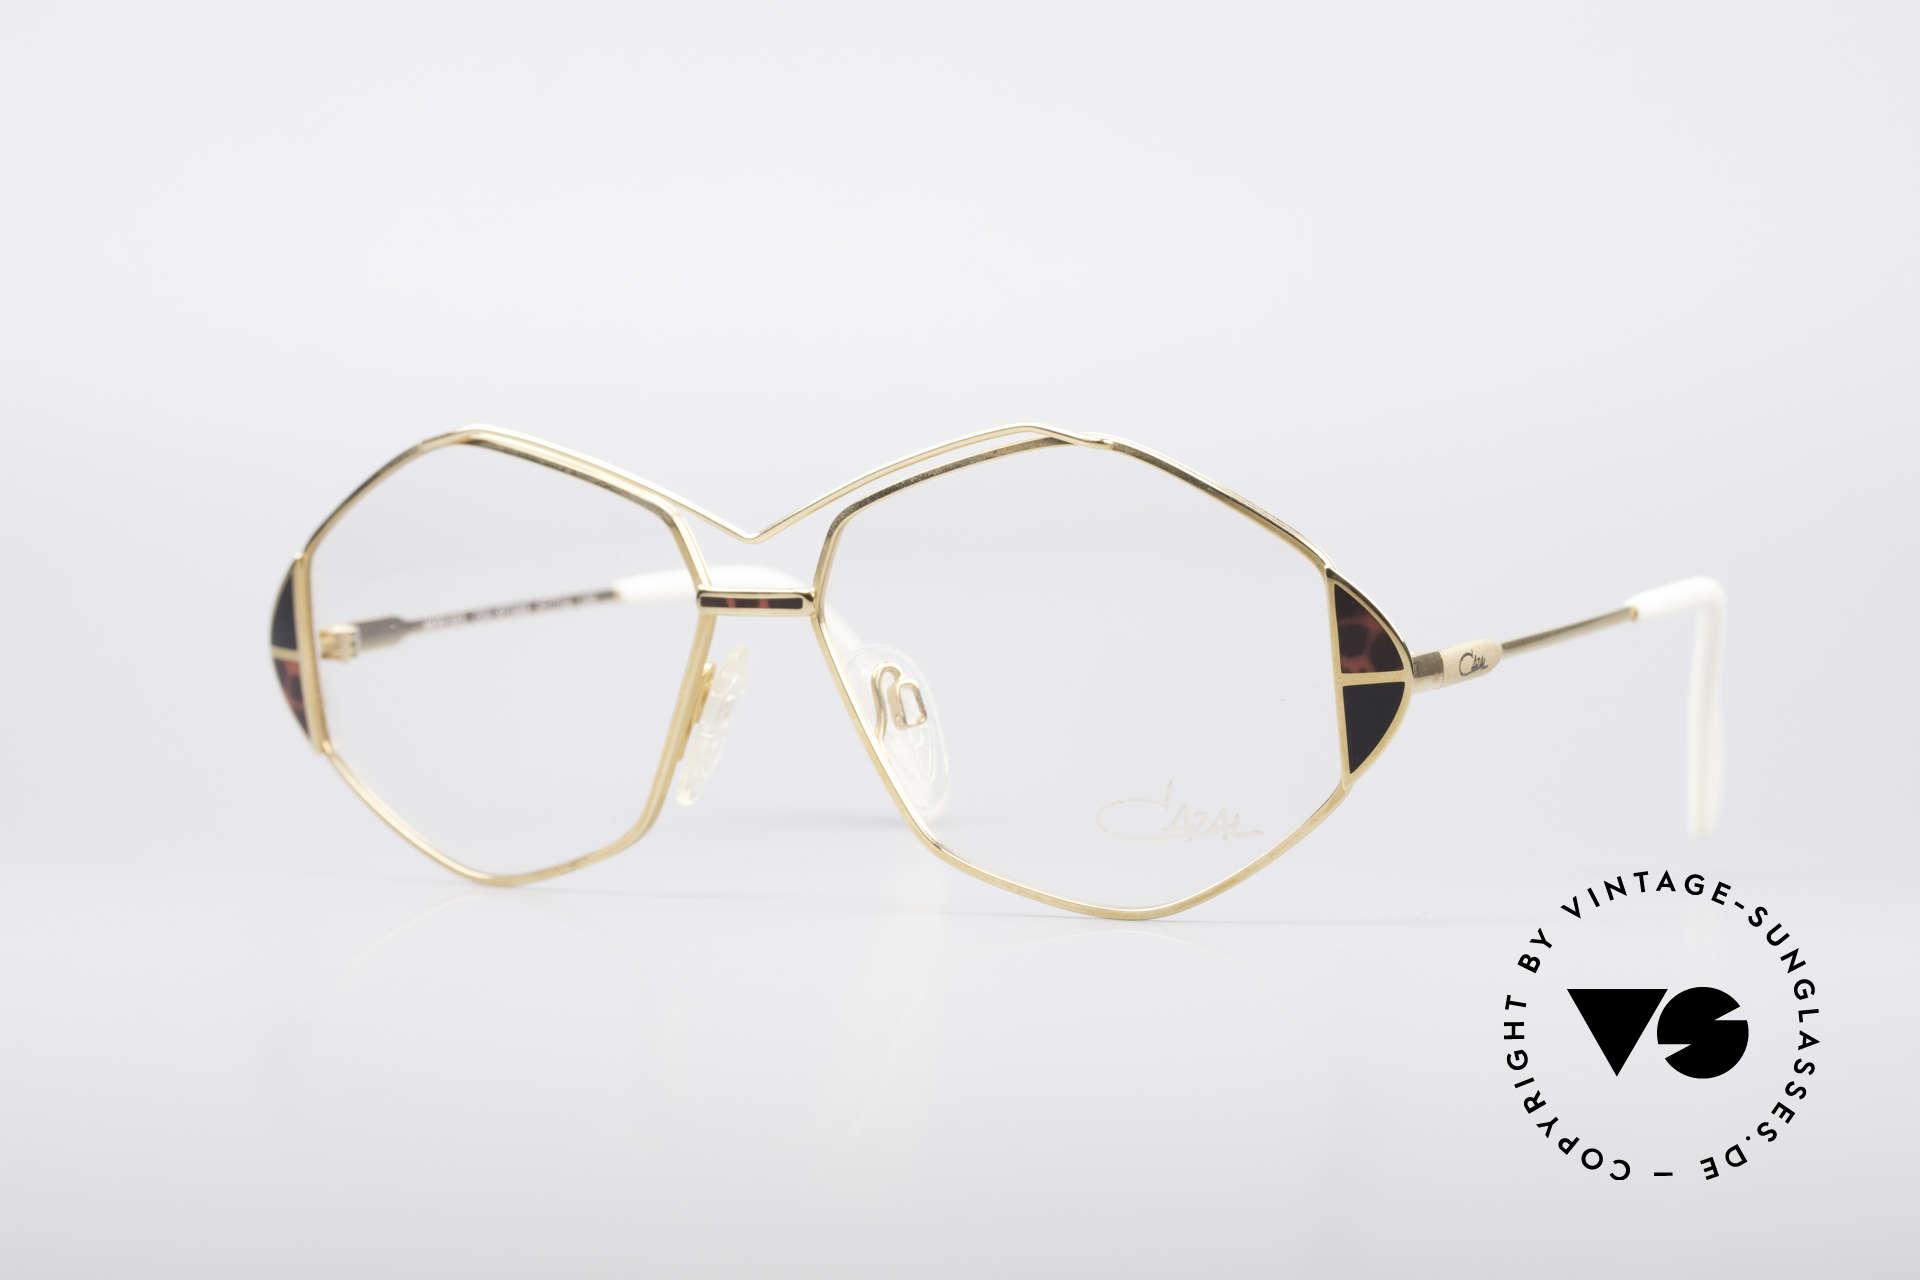 Cazal 233 True Vintage No Retro Specs, extraordinary CAZAL eyeglasses from 1989/1990, Made for Women